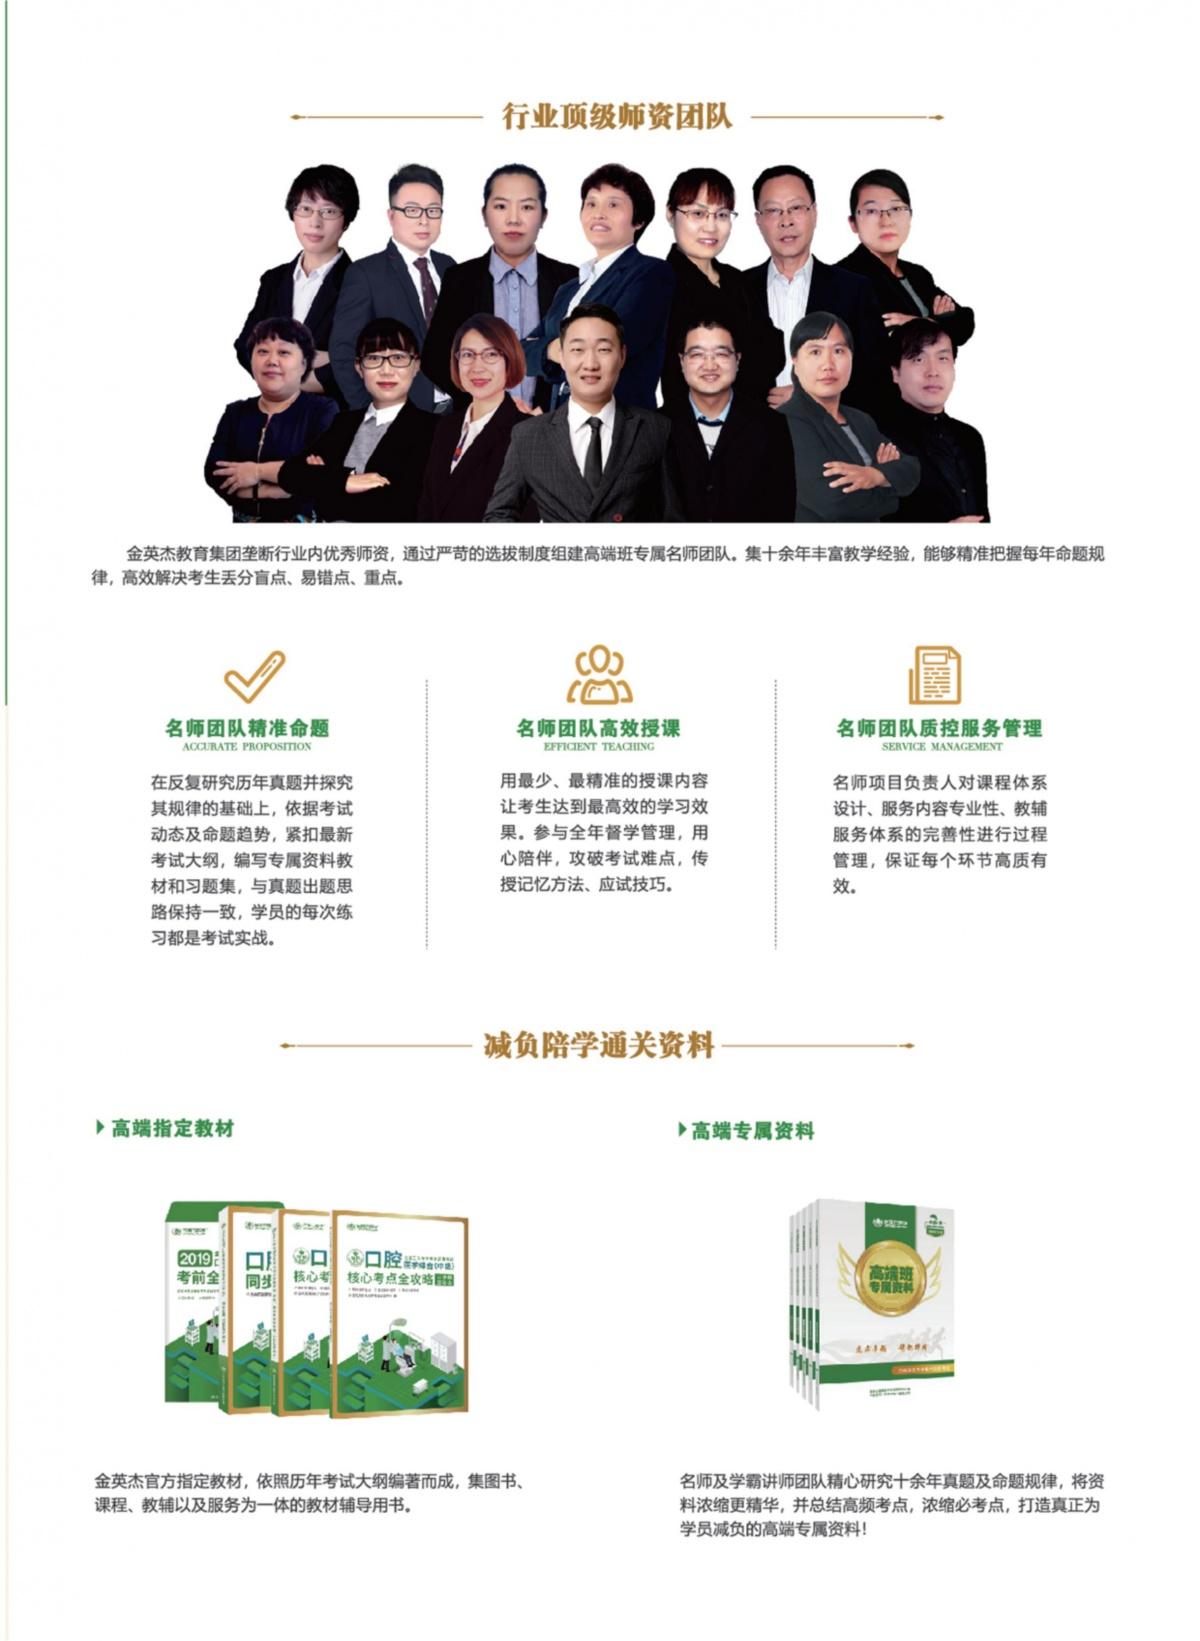 2019卓越计划-口腔主治_02.jpg